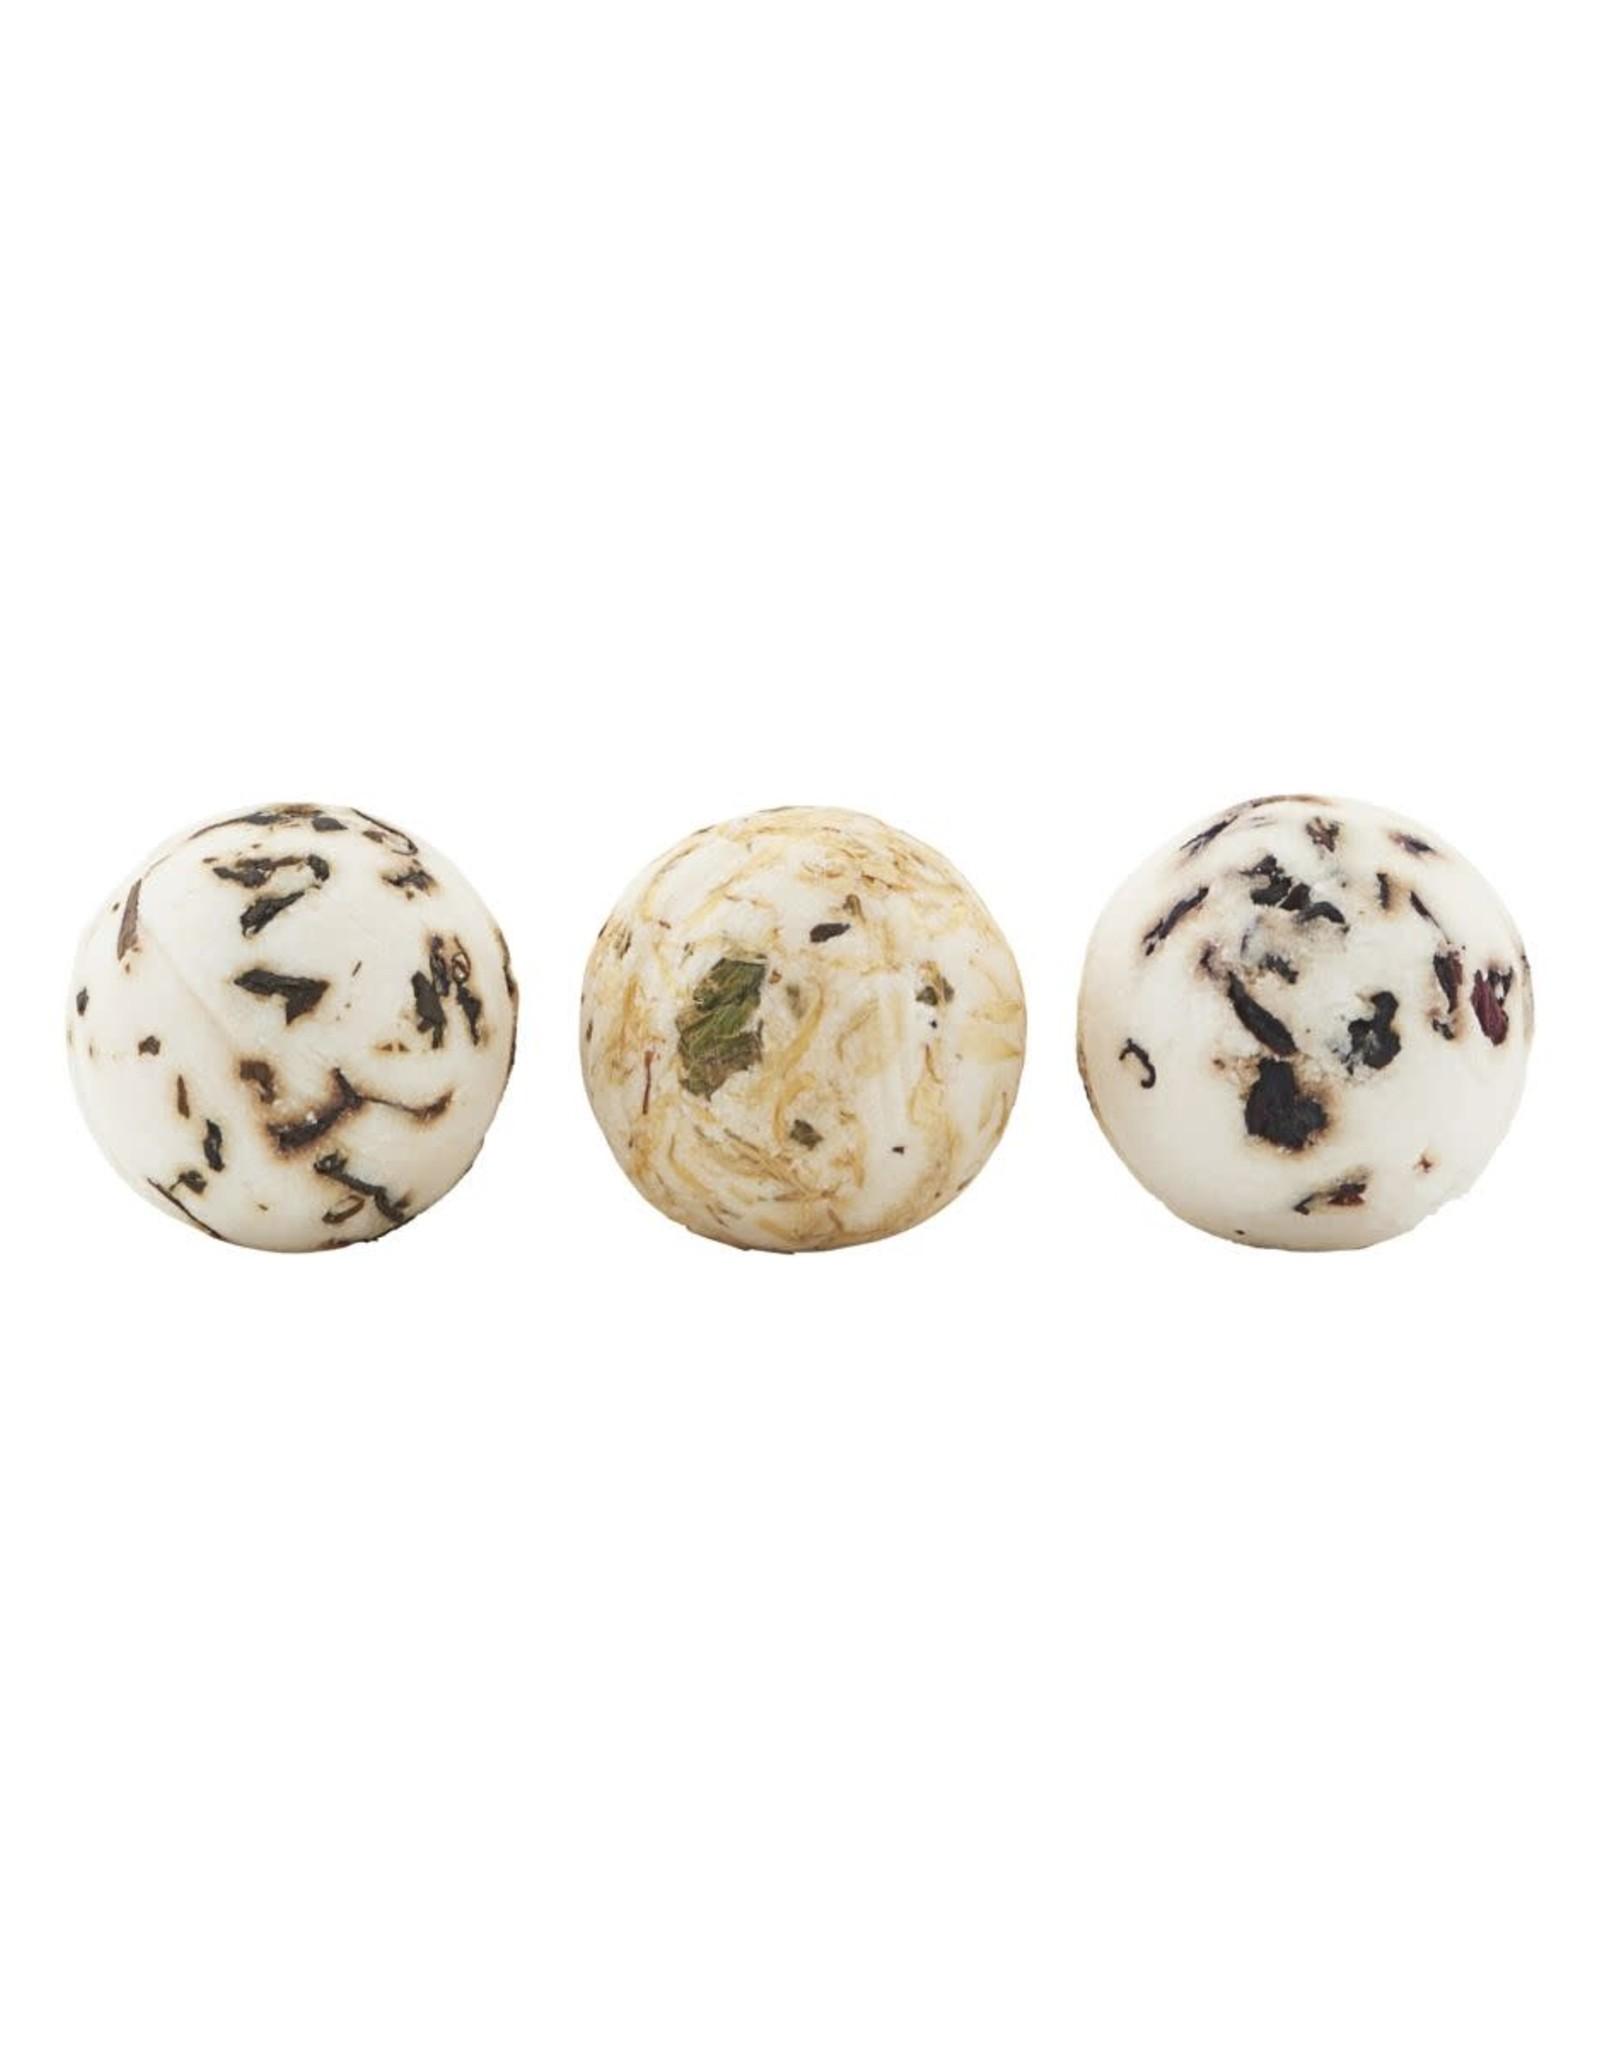 Meraki Soap Box bruisballen 3pcs. natural-green tea/pomegranate/chamomile